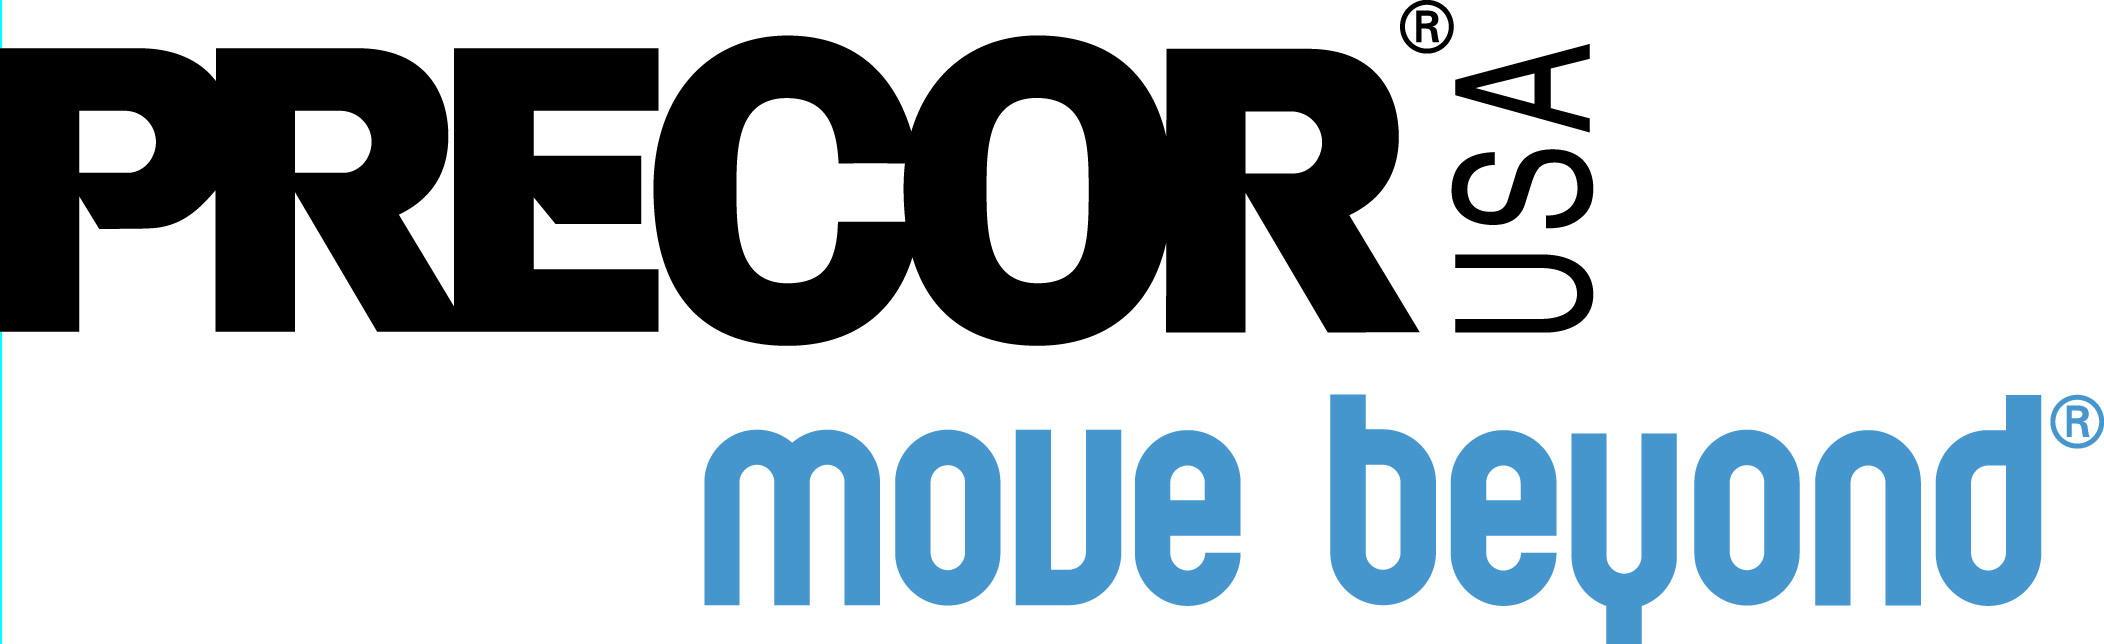 logo_precor